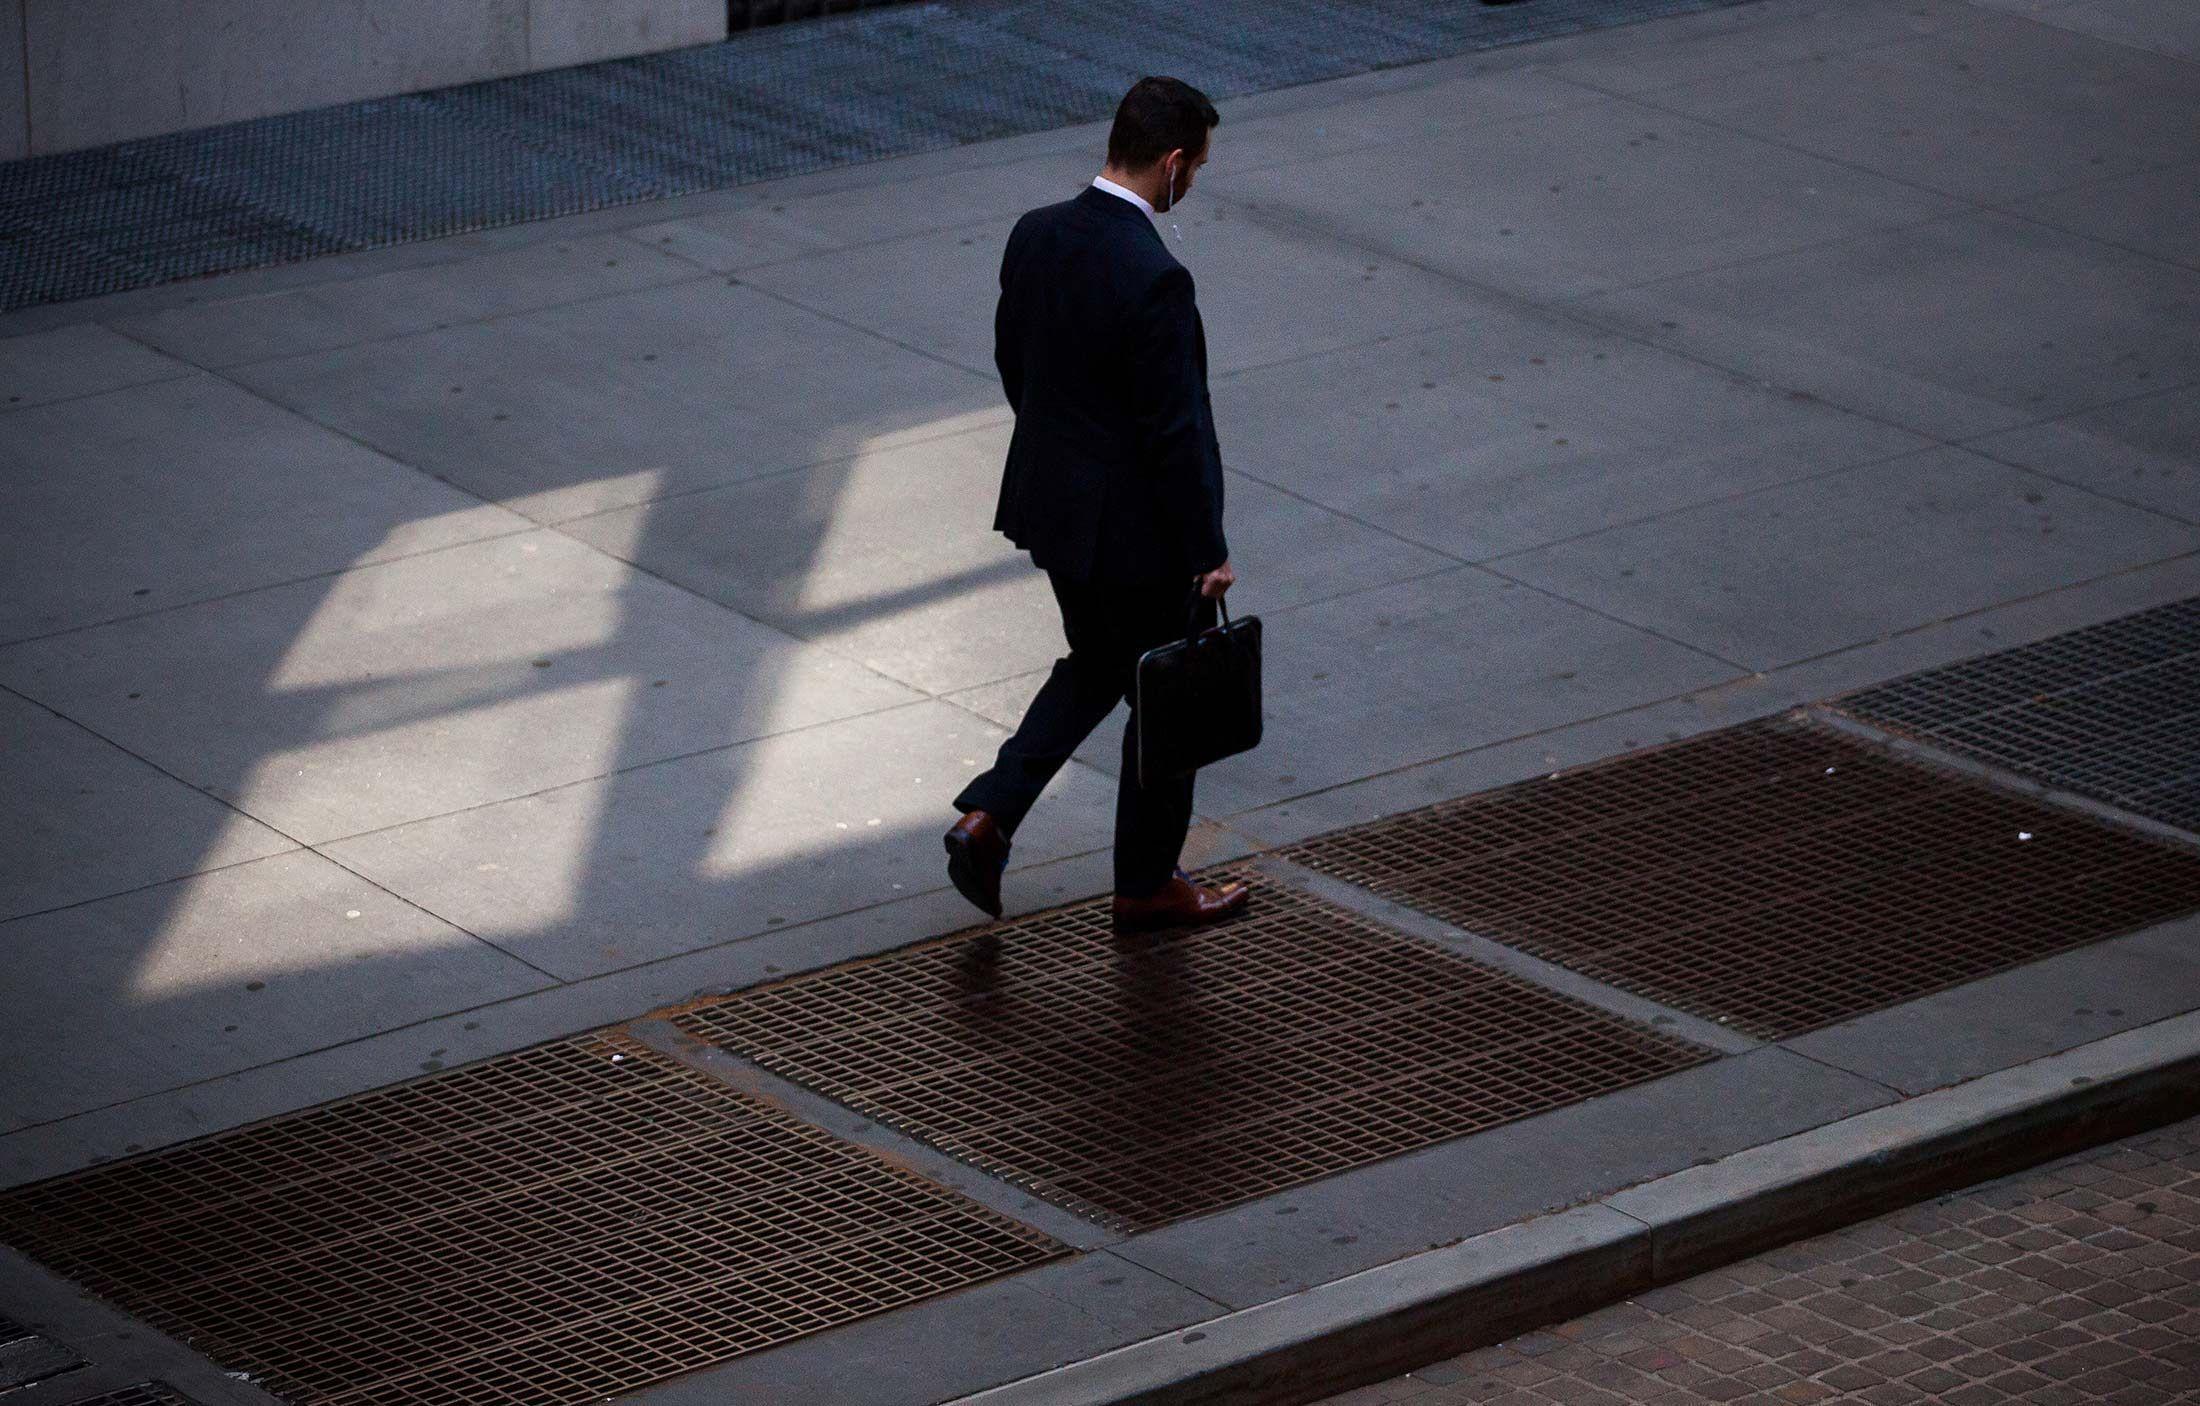 Bán vàng là 'sai lầm': Bây giờ là lúc cần quan tâm tới biên bản của Fed và cuộc họp tháng 12